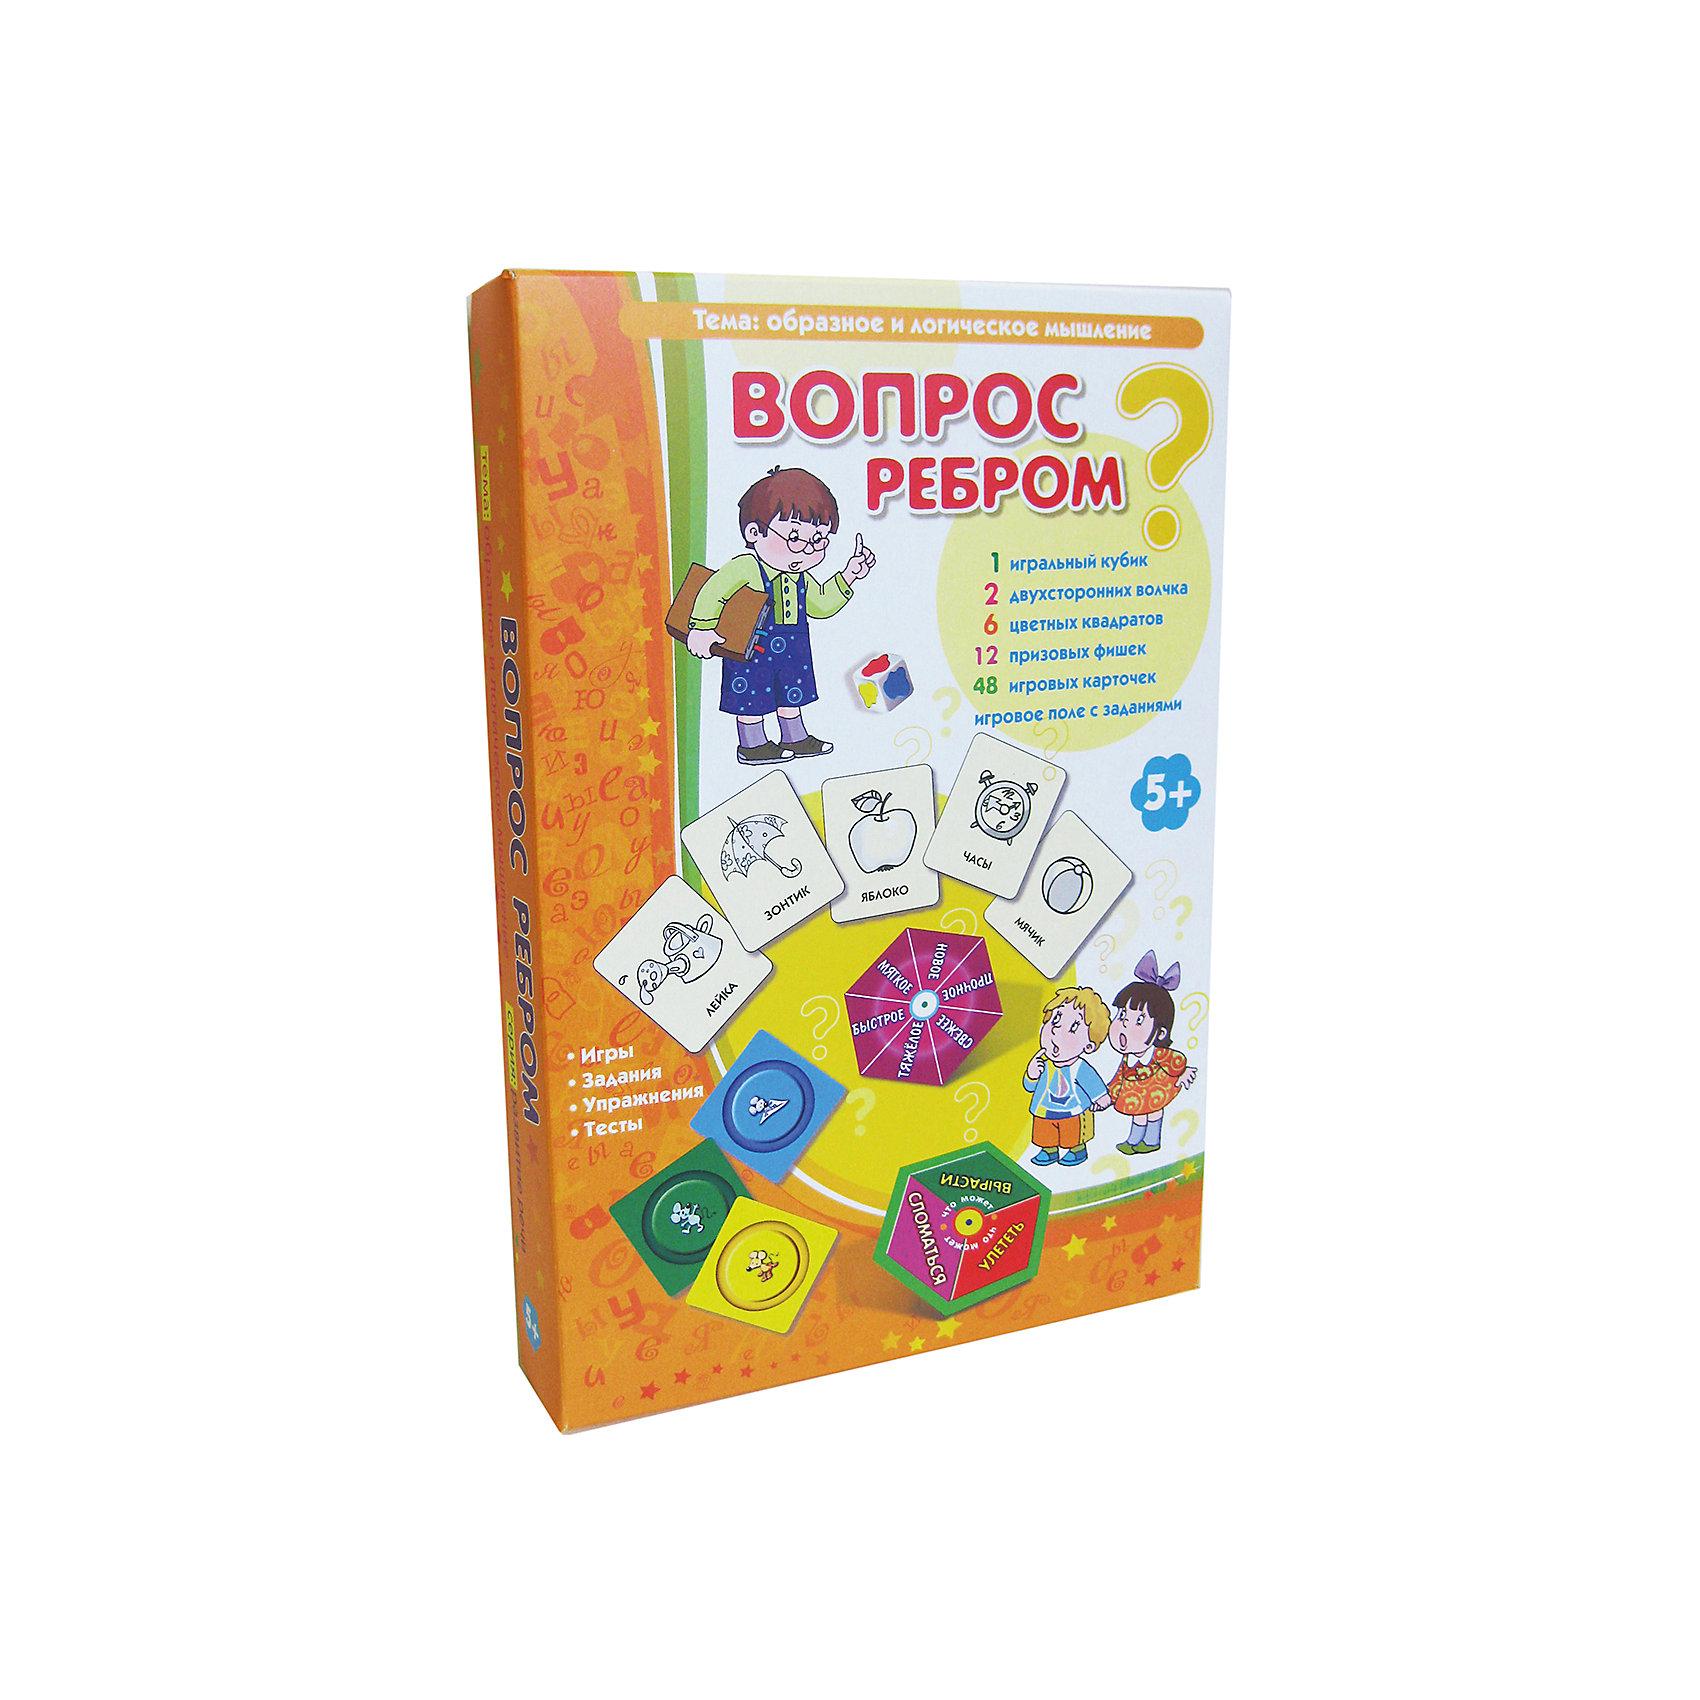 Вопрос ребром, Игротека Татьяны БарчанТесты и задания<br>Вопрос ребром, Игротека Татьяны Барчан.<br><br>Характеристики:<br><br>• Для детей в возрасте: от 5 до 9 лет<br>• В комплекте: 48 карточек с картинками, два волчка, 12 призовых фишек, 6 цветных квадратов, игральный кубик с цветными кляксами, игровое поле с заданиями, брошюра с описанием многочисленных вариантов игр<br>• Игры: Красный, желтый, голубой; Вкусный, свежий, холодный; Прятки с кубиками; Логический кроссворд; Логические окошки; Слова на карусели; Раз словечко, два словечко; Сапожник, портной; Парочки; Подсказки в картинках; Разговор с инопланетянином; Картинки-подружки; Мастер пантомим<br>• Тема: Образное и логическое мышление<br>• Материал: плотный качественный картон<br>• Производитель: ЦОТР Ребус (Россия)<br>• Упаковка: картонная коробка<br>• Размер упаковки: 17,5х26,5х4 см.<br>• Вес: 325 гр.<br><br>Эта настольная игра станет прекрасным и увлекательным пособием для развития словесно-логического мышления малышей. У детей порой возникают свои собственные ассоциации и представления о предмете, которые могут значительно отличатся от общепринятых понятий. Например, отвечая на вопрос «Может ли цветок быть тяжёлым?», ребенок может ответить «Конечно!». И такой ответ вполне имеет право на существование, ведь малыш мог подразумевать каменный цветок, как в сказке. <br><br>В коробке – 48 карточек с картинками. Их можно использовать в играх на внимание и зрительную память, выстраивать логические ряды, учиться объяснять значение слов, находить противоположности и многое, многое другое. Обо всех вариантах упражнений, тестов и заданий написано в специальной брошюре. Игру высоко оценили психологи, логопеды, родители и, конечно, маленькие игроки.<br><br>Игру Вопрос ребром, Игротека Татьяны Барчан можно купить в нашем интернет-магазине.<br><br>Ширина мм: 270<br>Глубина мм: 180<br>Высота мм: 40<br>Вес г: 323<br>Возраст от месяцев: 60<br>Возраст до месяцев: 108<br>Пол: Унисекс<br>Возраст: Детский<br>SKU: 6751304